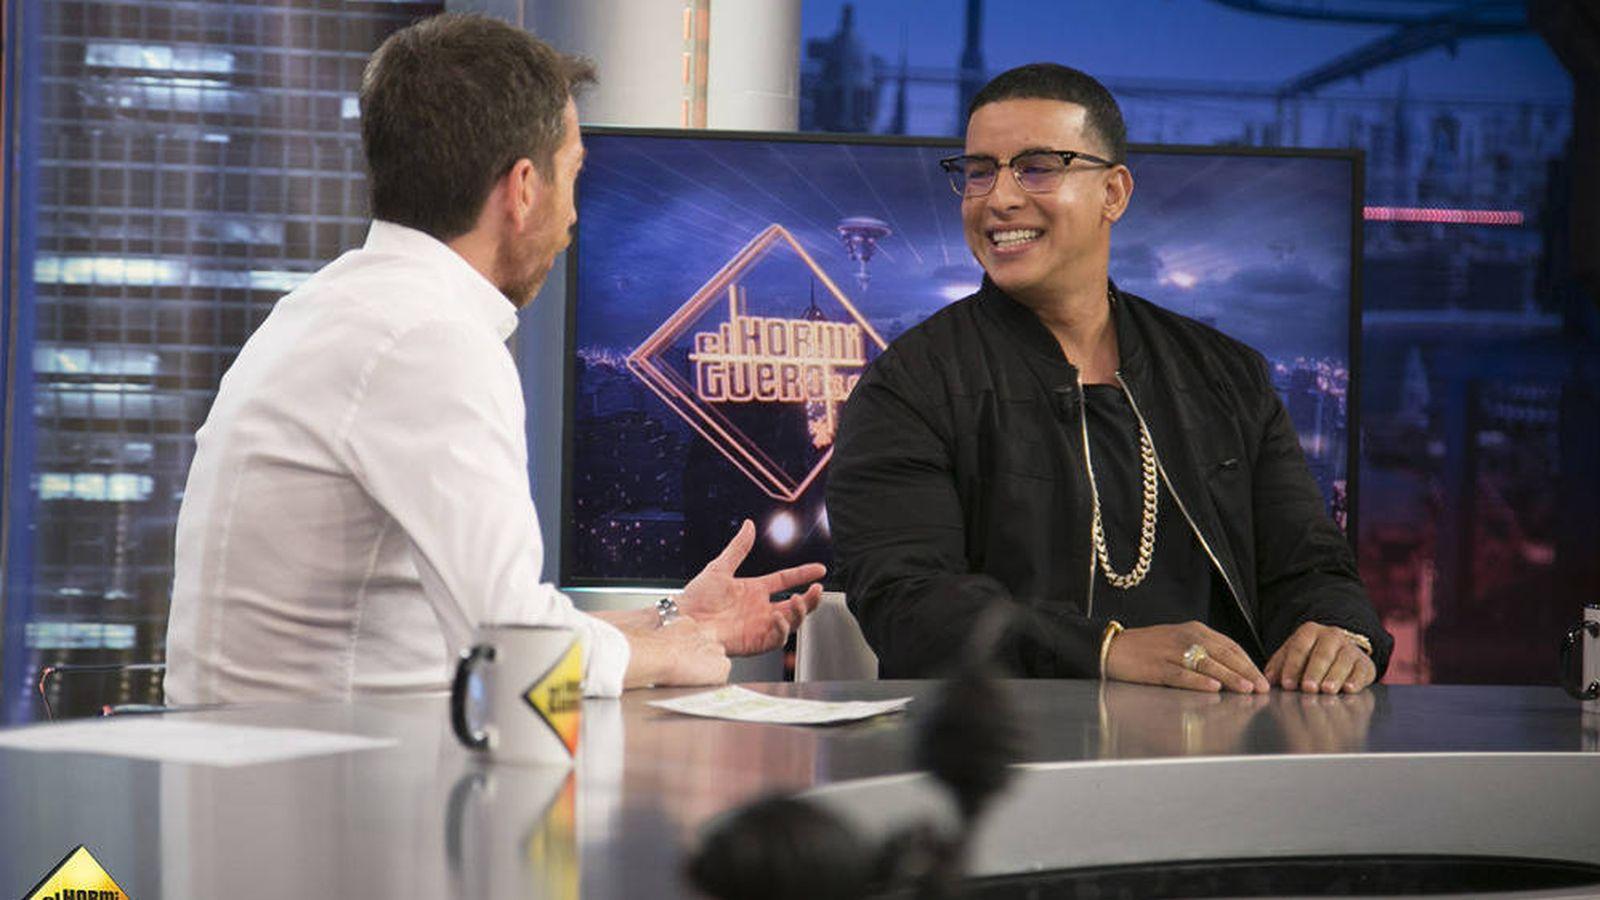 Foto: Daddy Yankee relata en 'El hormiguero' cómo un balazo truncó sus sueños.